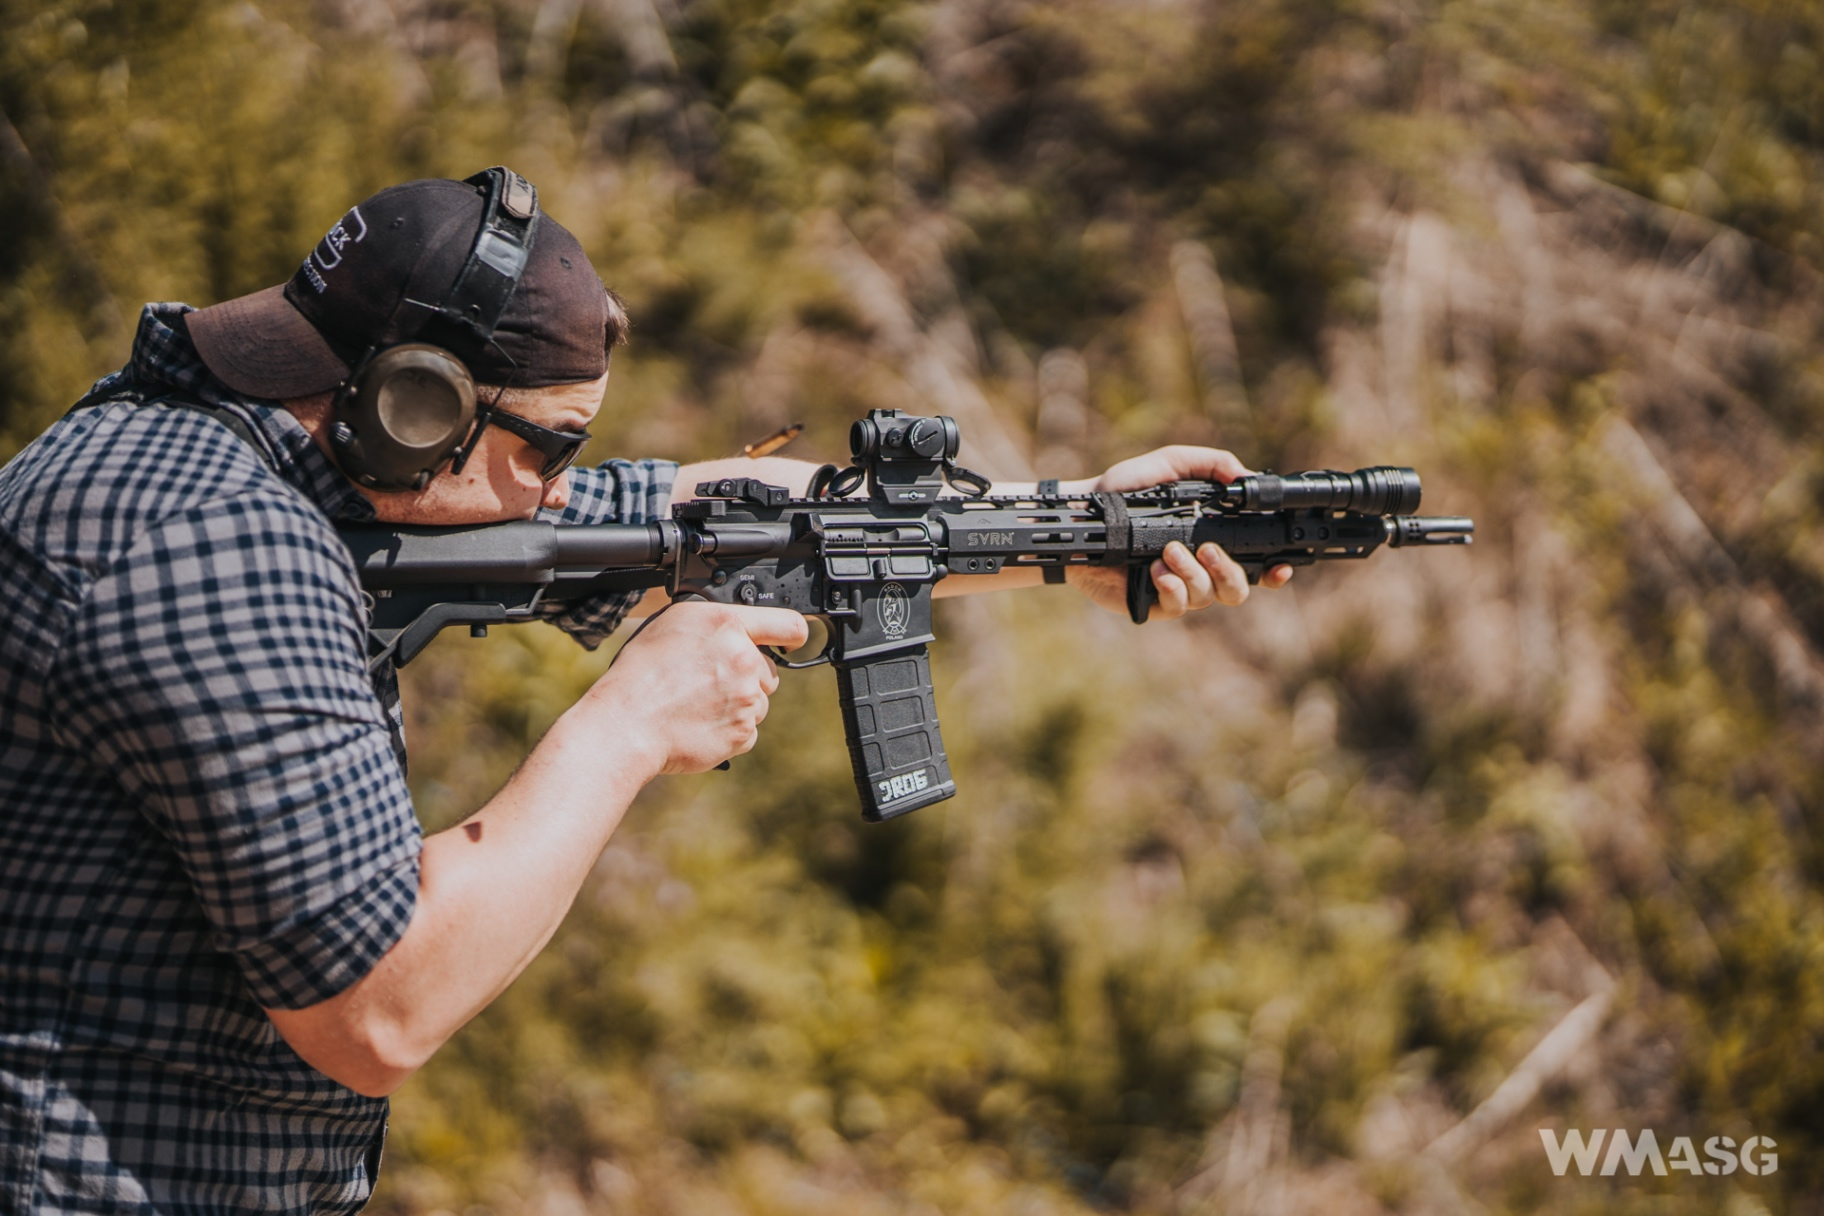 Pozwolenie na broń nie jest trudno zdobyć